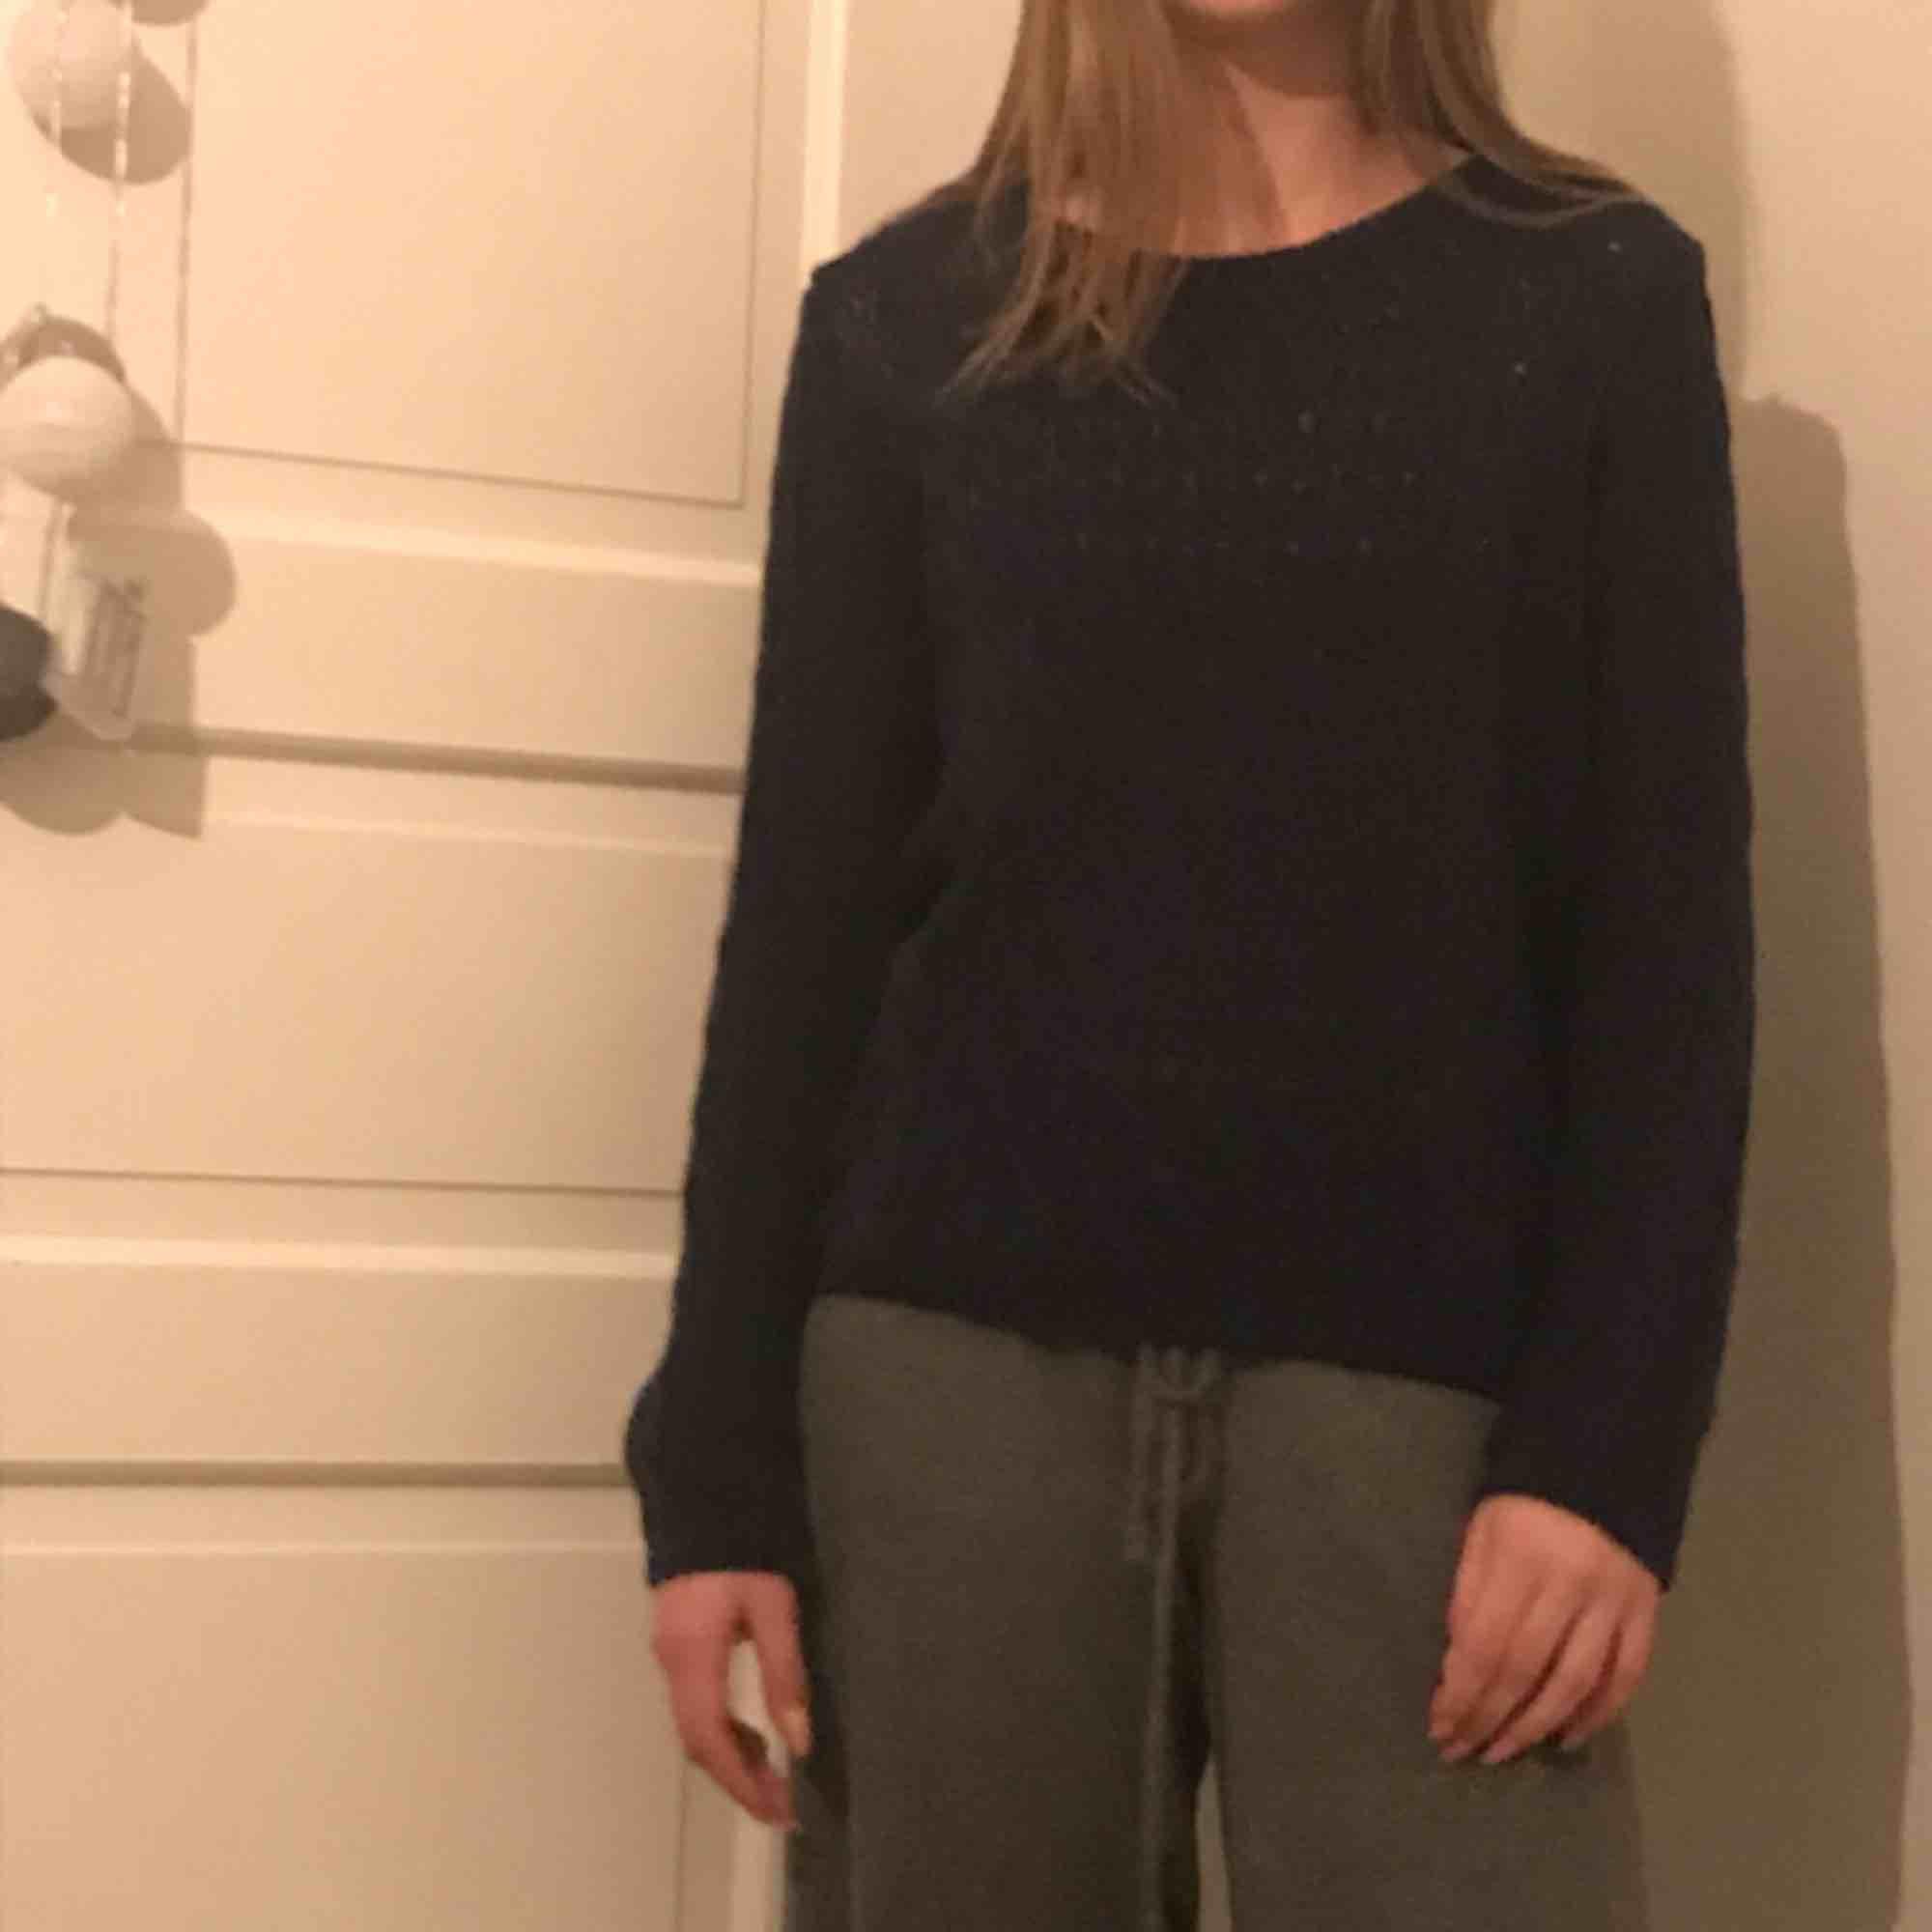 Mörkblå stickad tröja💘 large men känns som m/s. . Tröjor & Koftor.